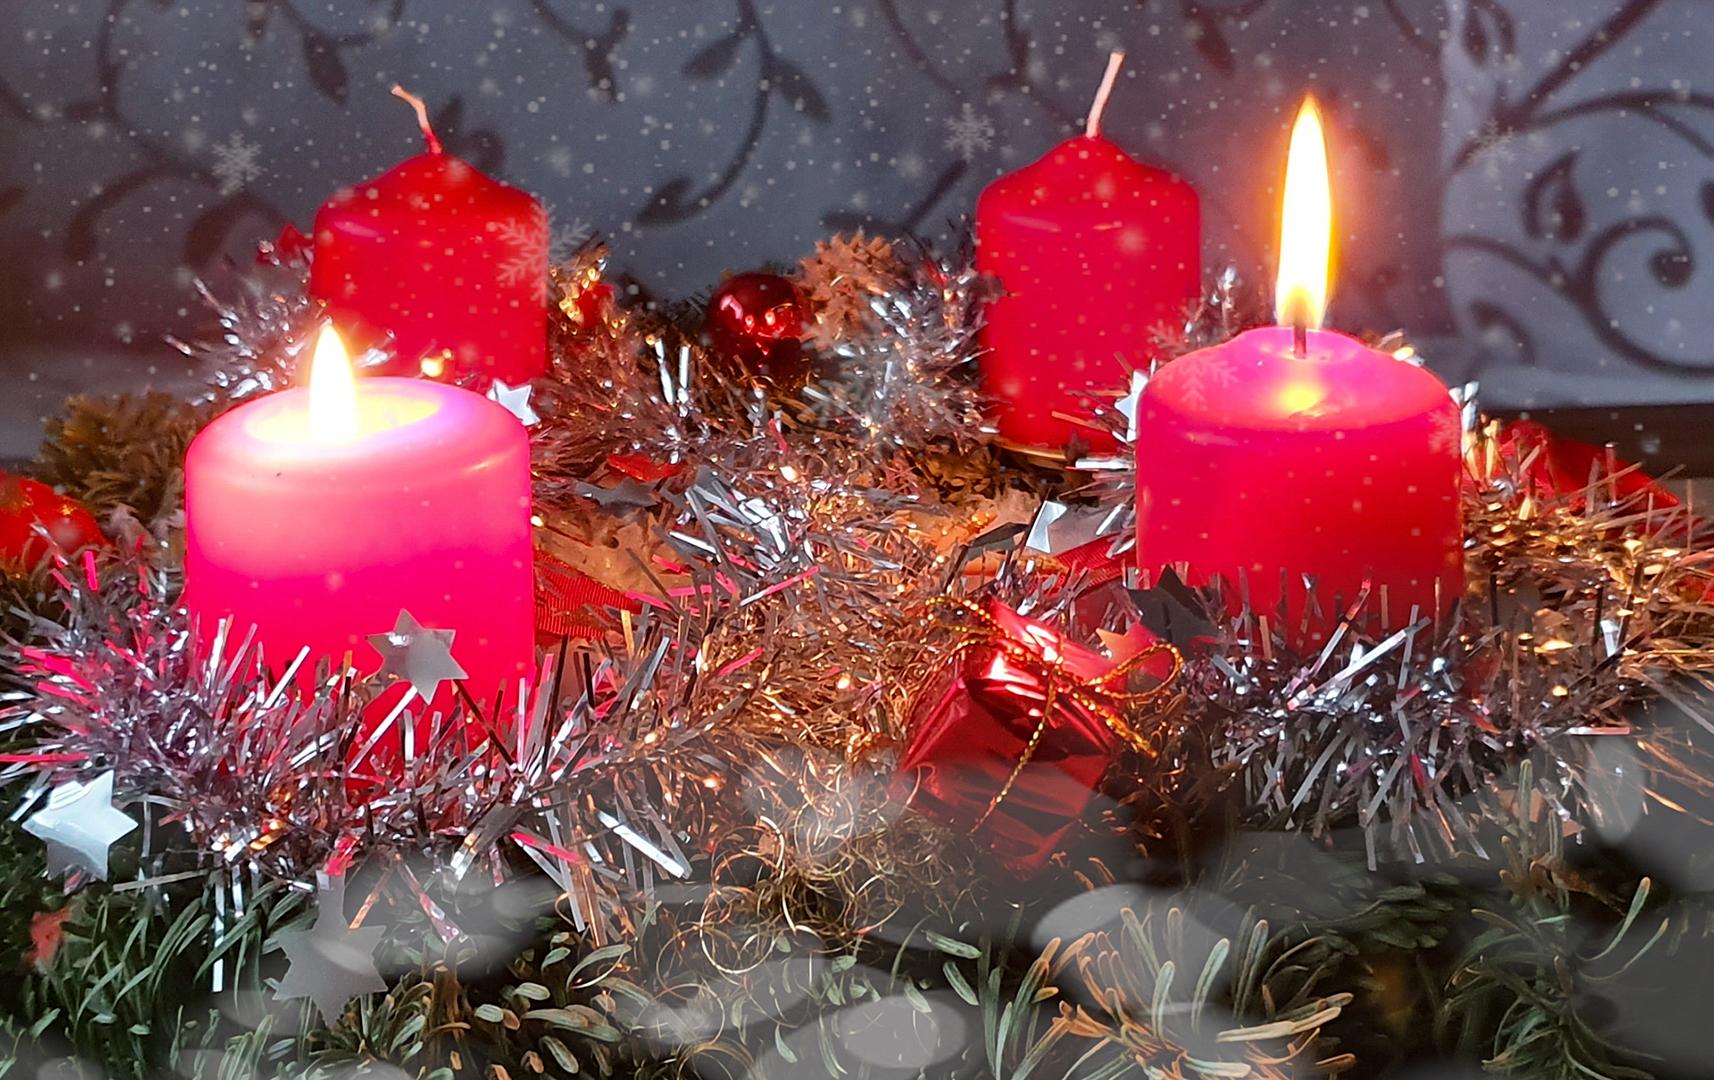 Ich wünsche einen schönen 2. Advent.